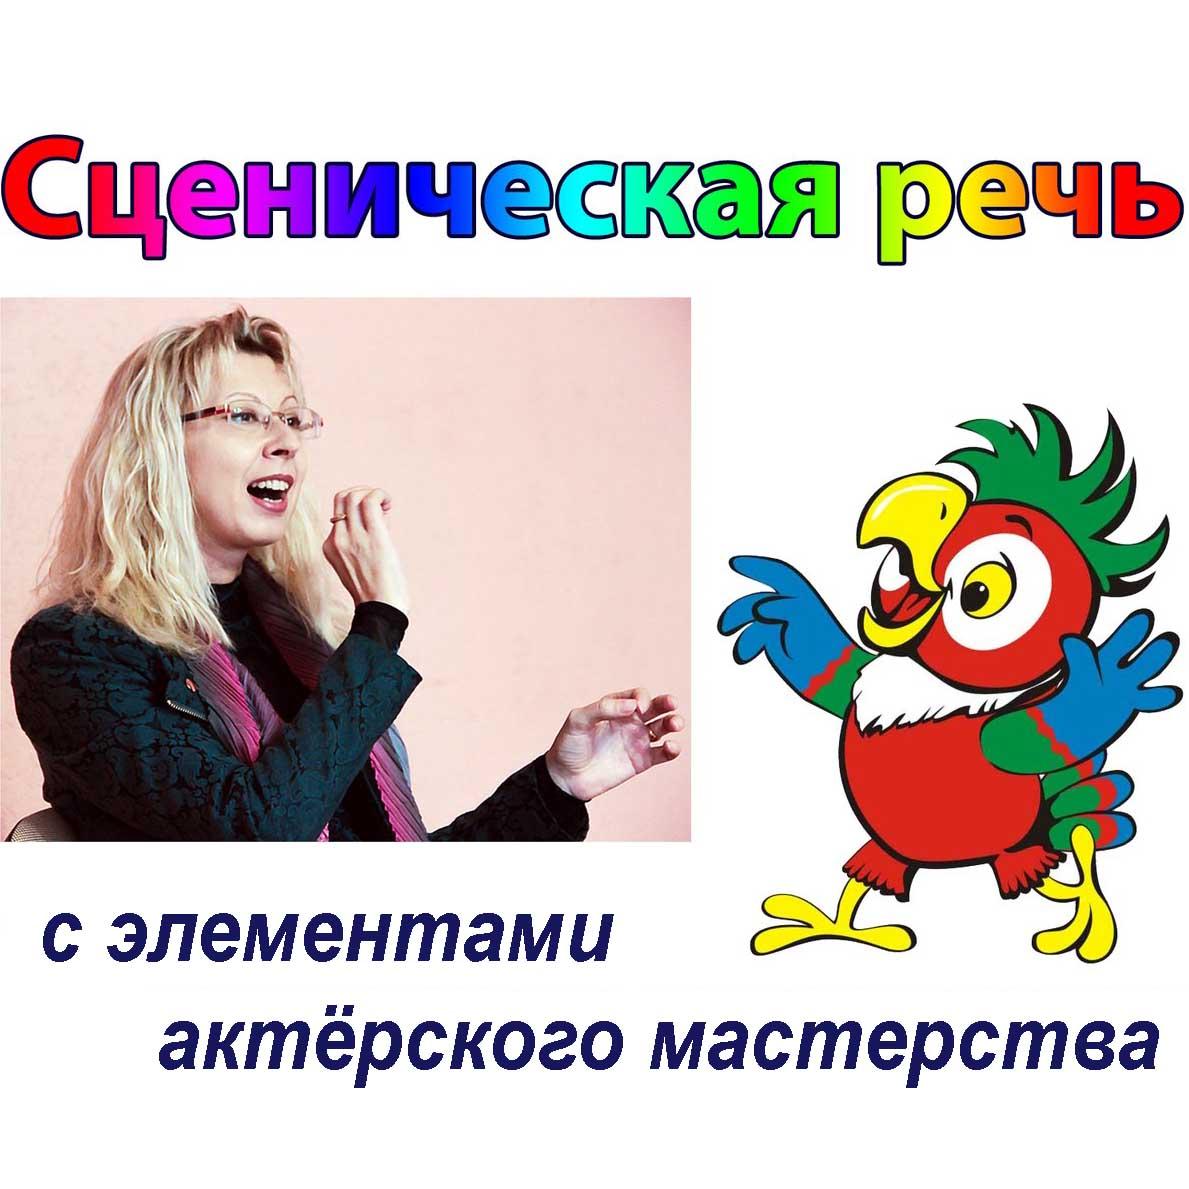 «Сценическая речь с элементами актёрского мастерства» (курс Анны Мишутиной) (сайт Минской школы киноискусства)